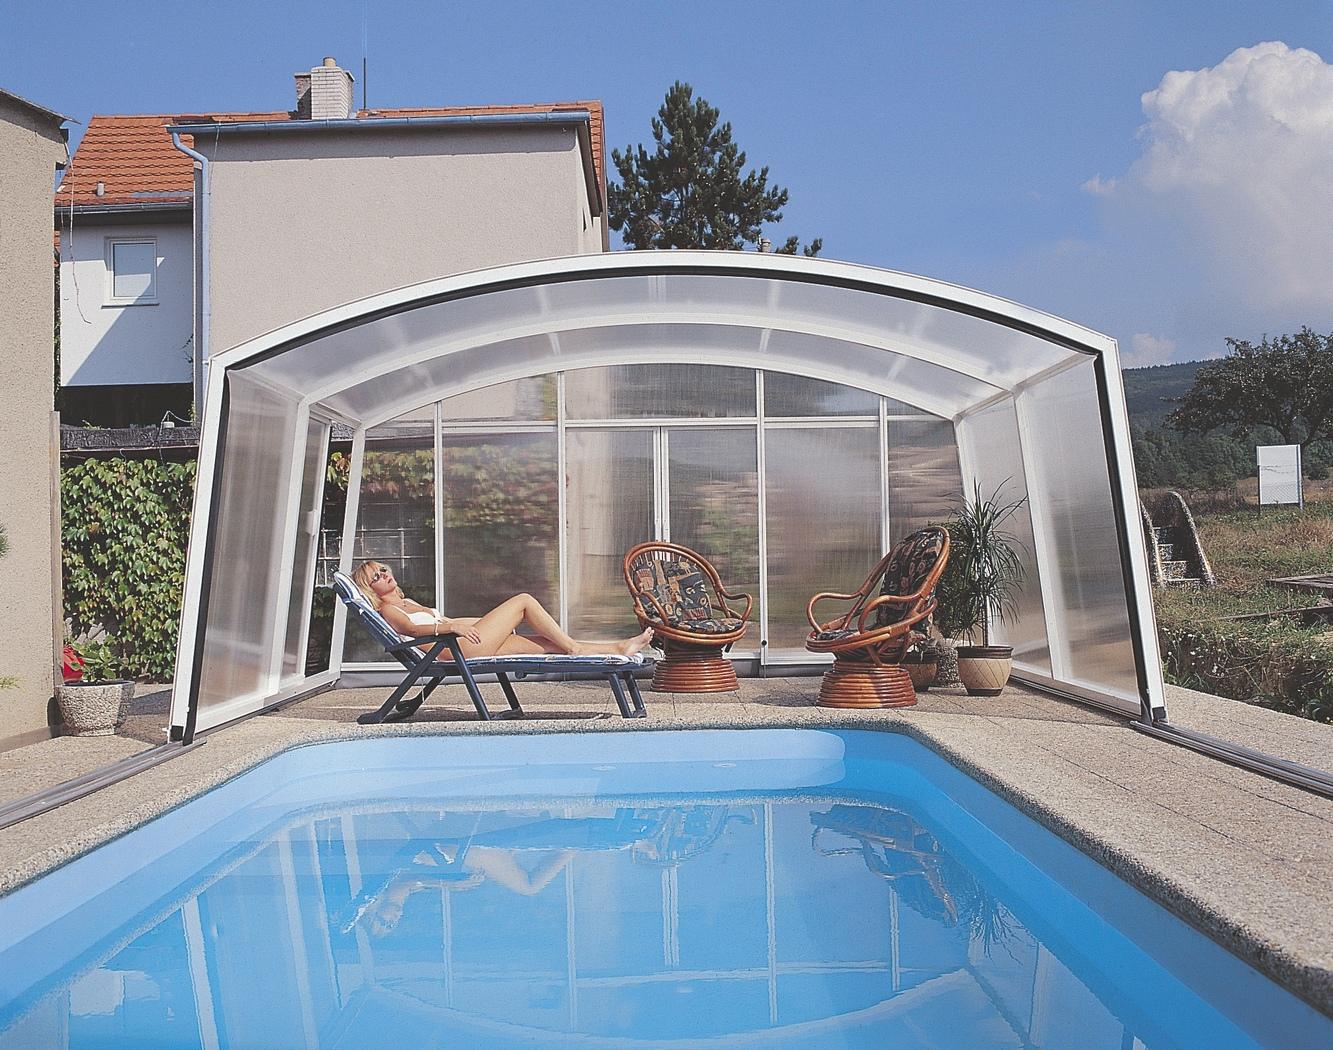 Построить бассейн своими руками проекты фото под крышей